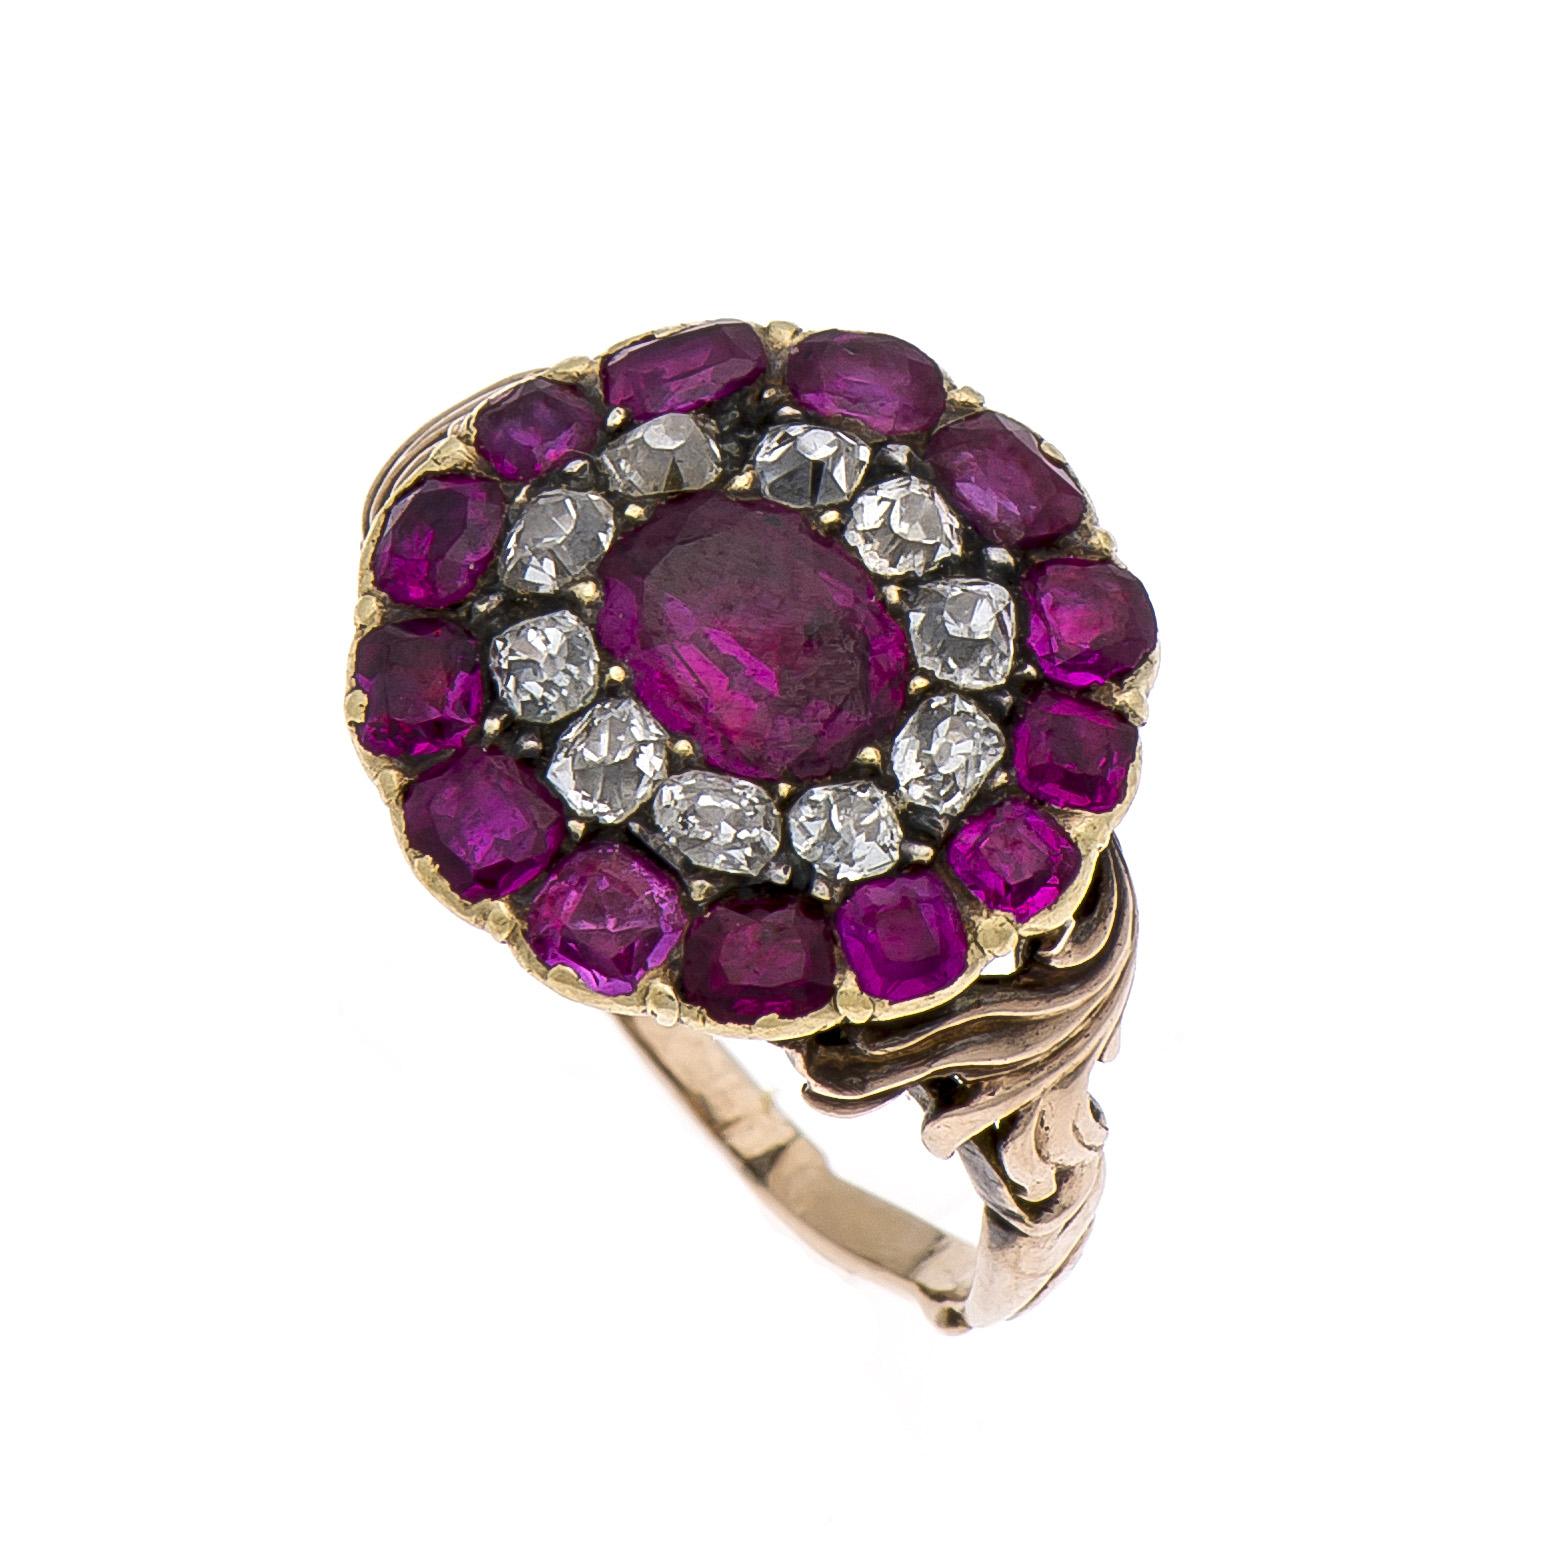 Altschliff-Diamanten-Rubin-Ring RG 585/000 ungest